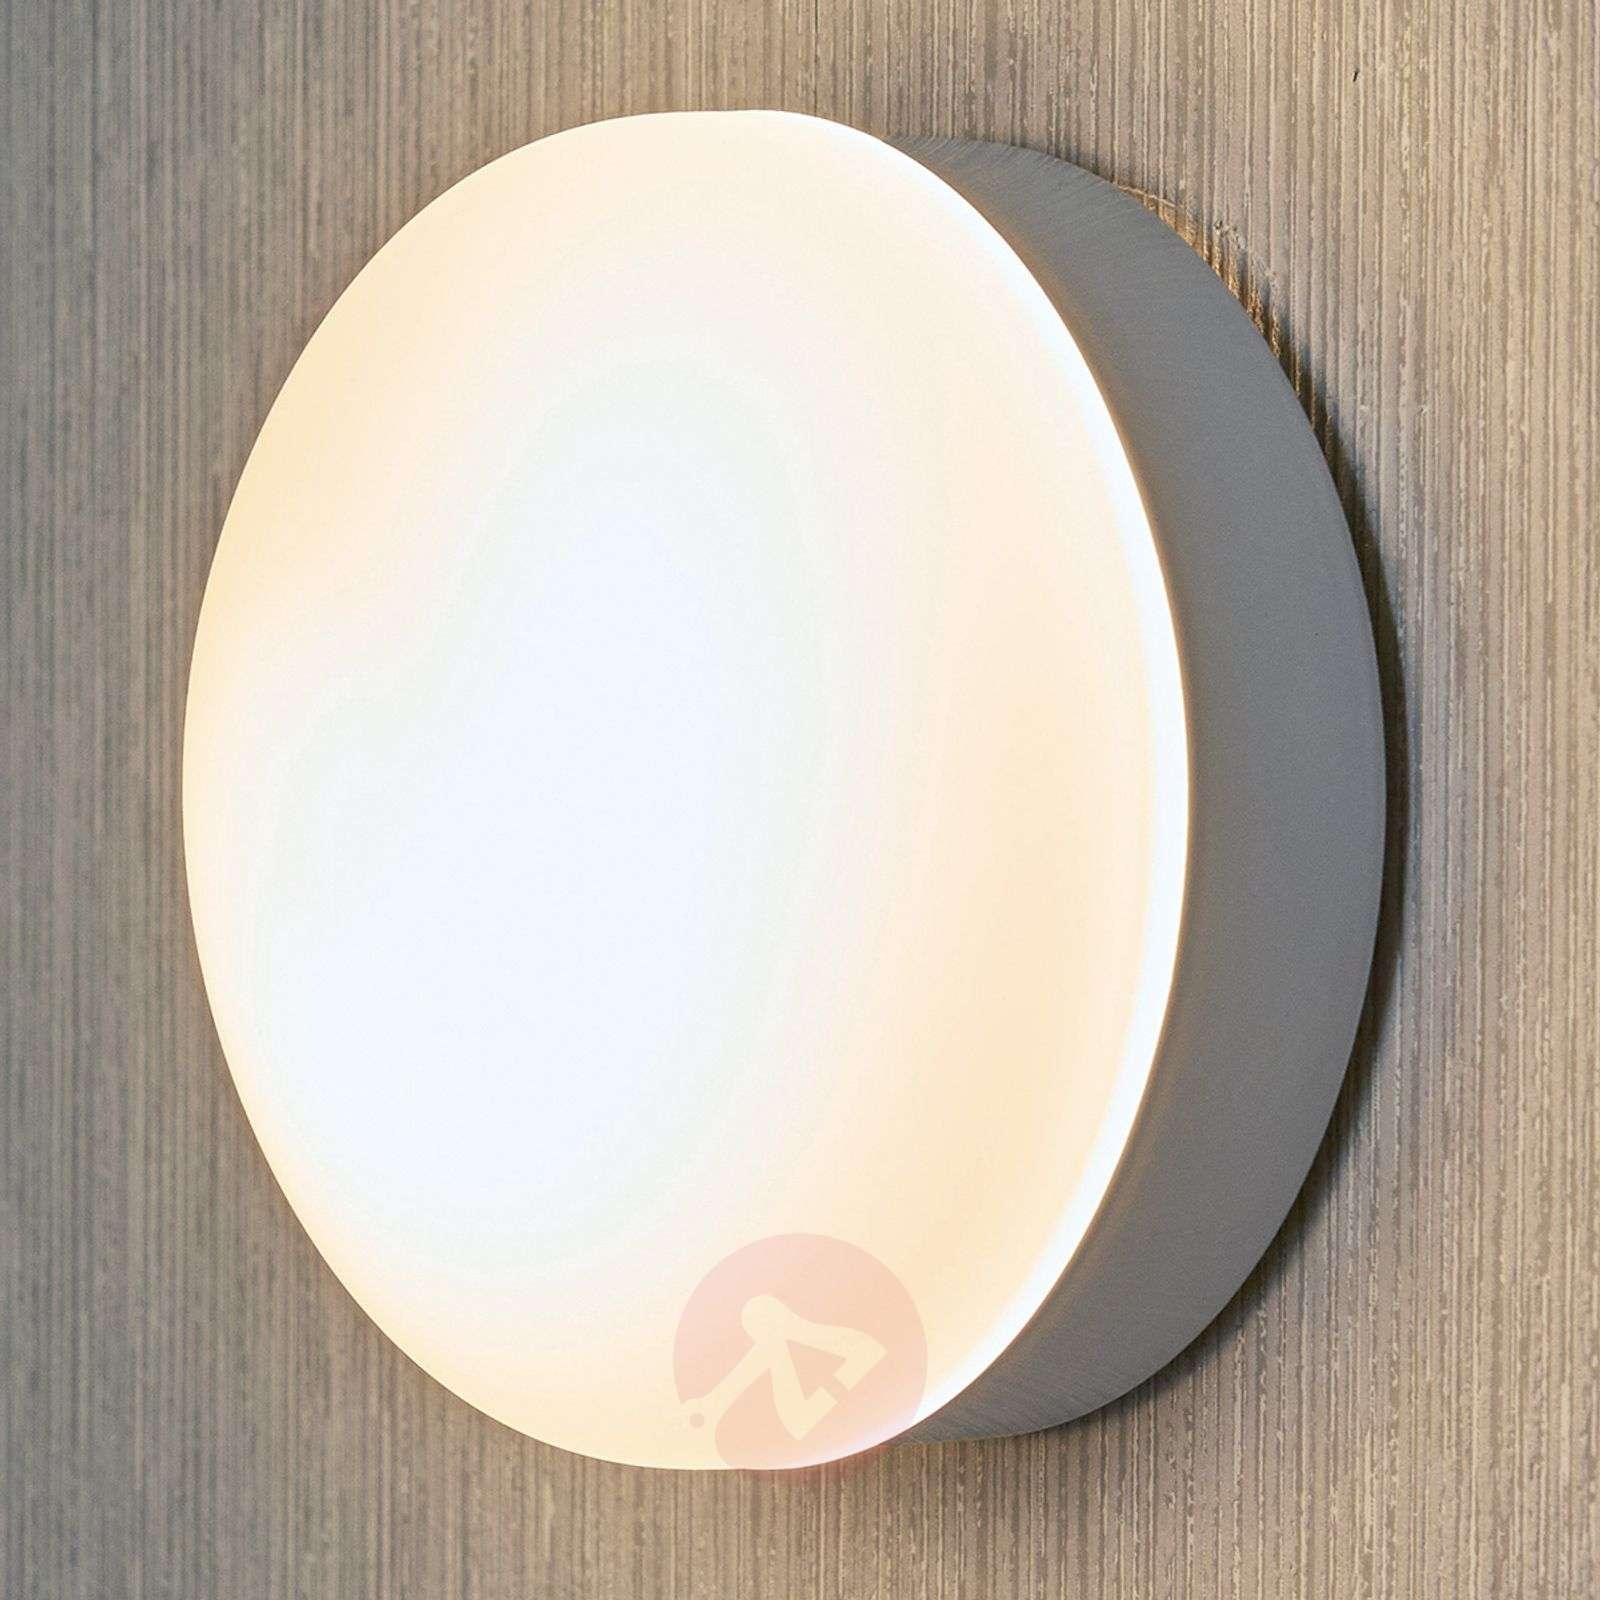 Pyöreä LED-kattolamppu Merete-3035027-02